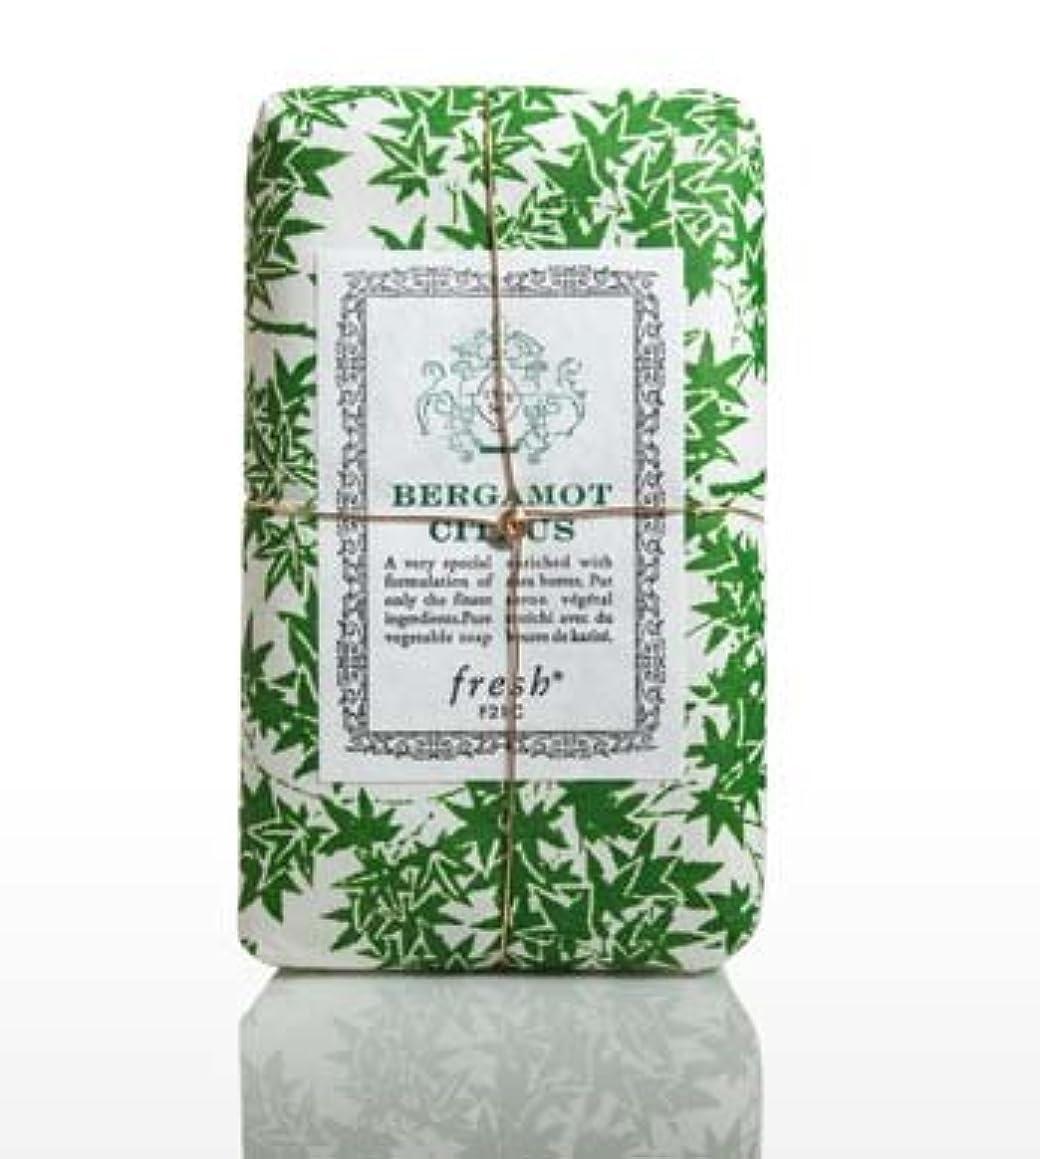 中世の貨物楽観的Fresh BERGAMOT CITRUS (フレッシュ ベルガモントシトラス) 5.0 oz (150g) Soap (石鹸) by Fresh